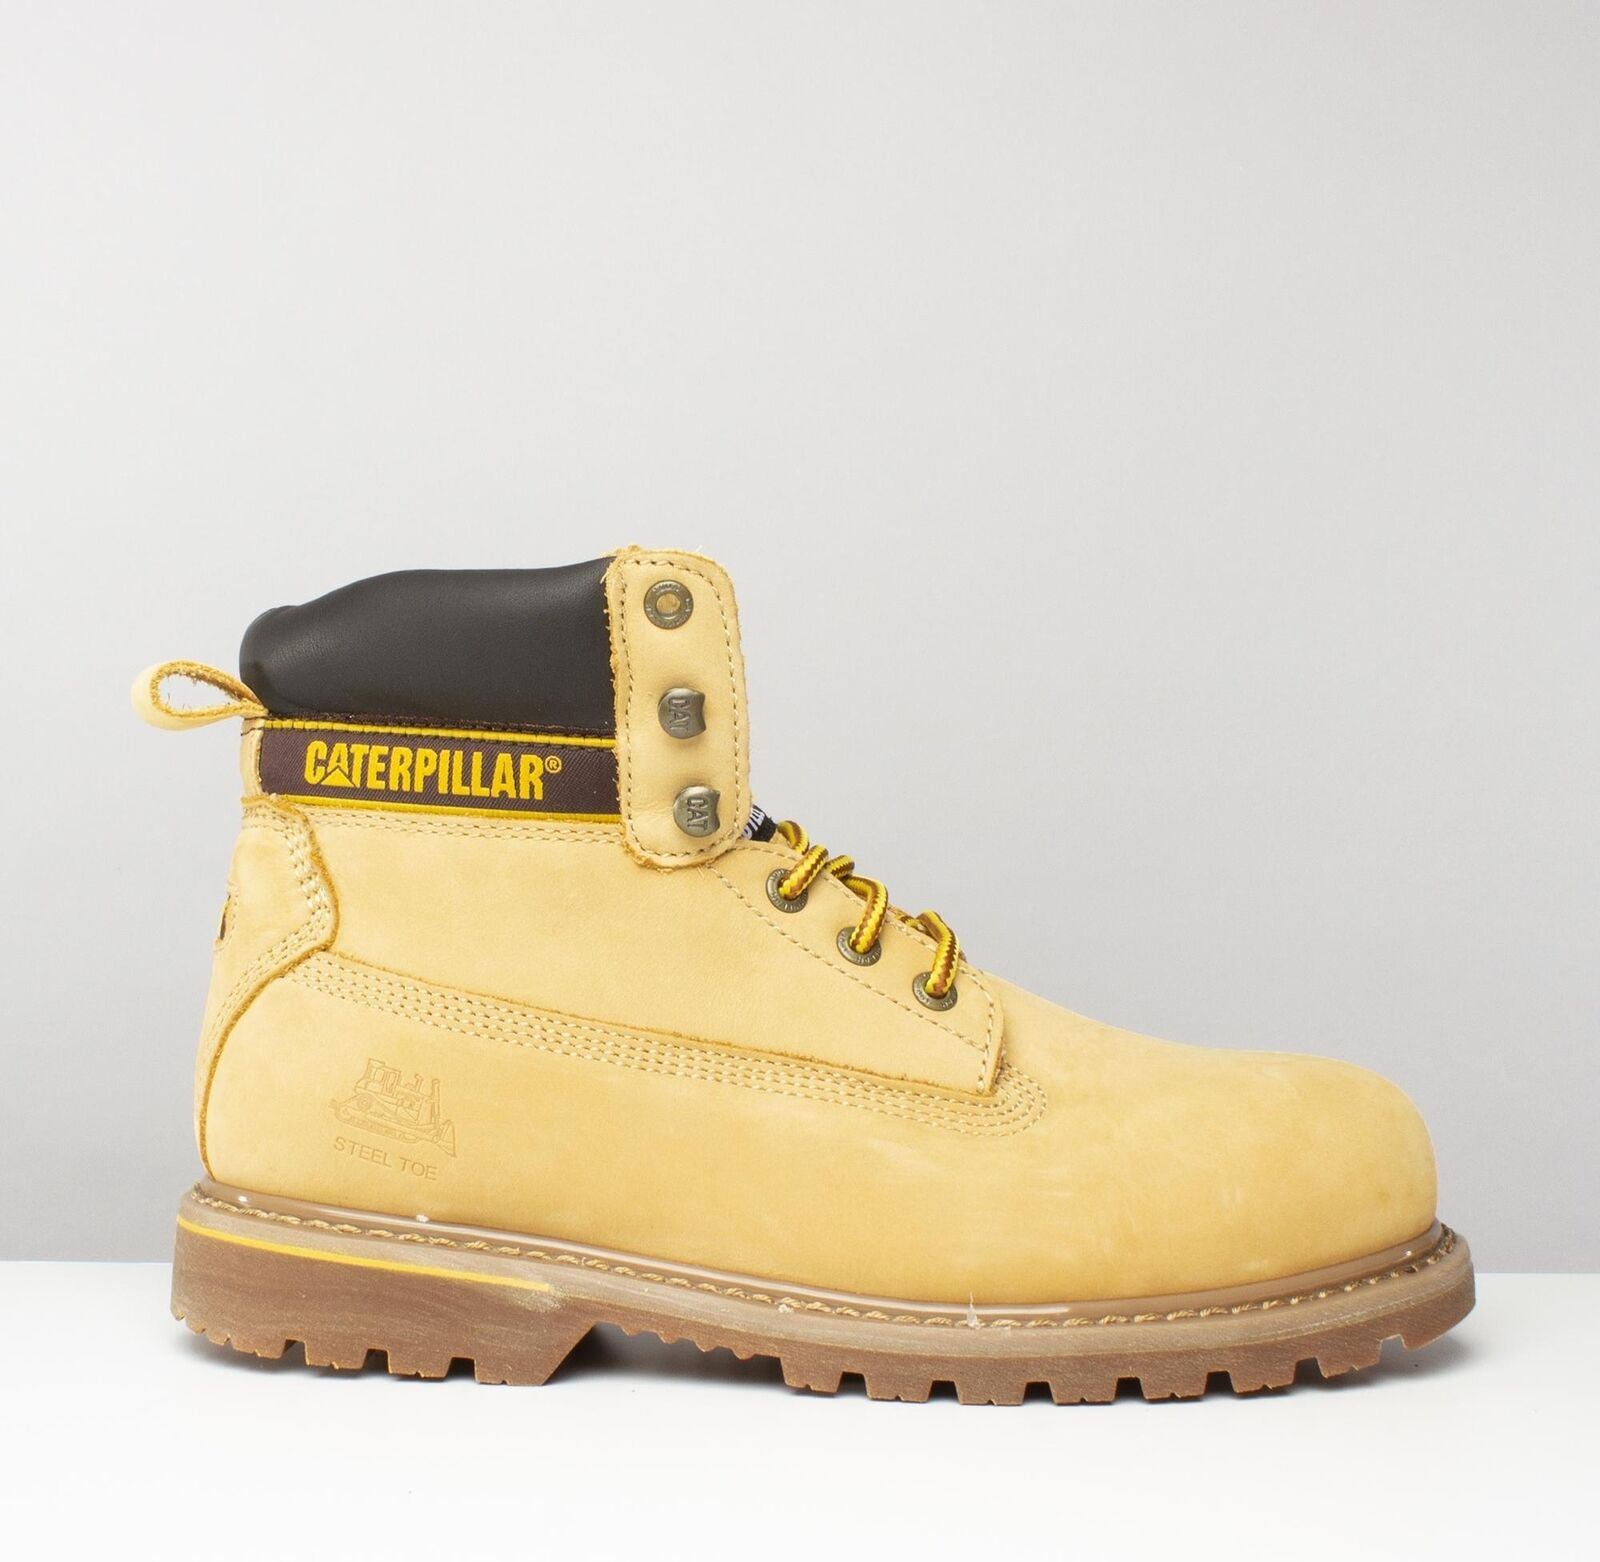 Caterpillar ® Holton Para hombre S3 SRC Puntera De Acero Miel botas De Seguridad Resistente al Agua